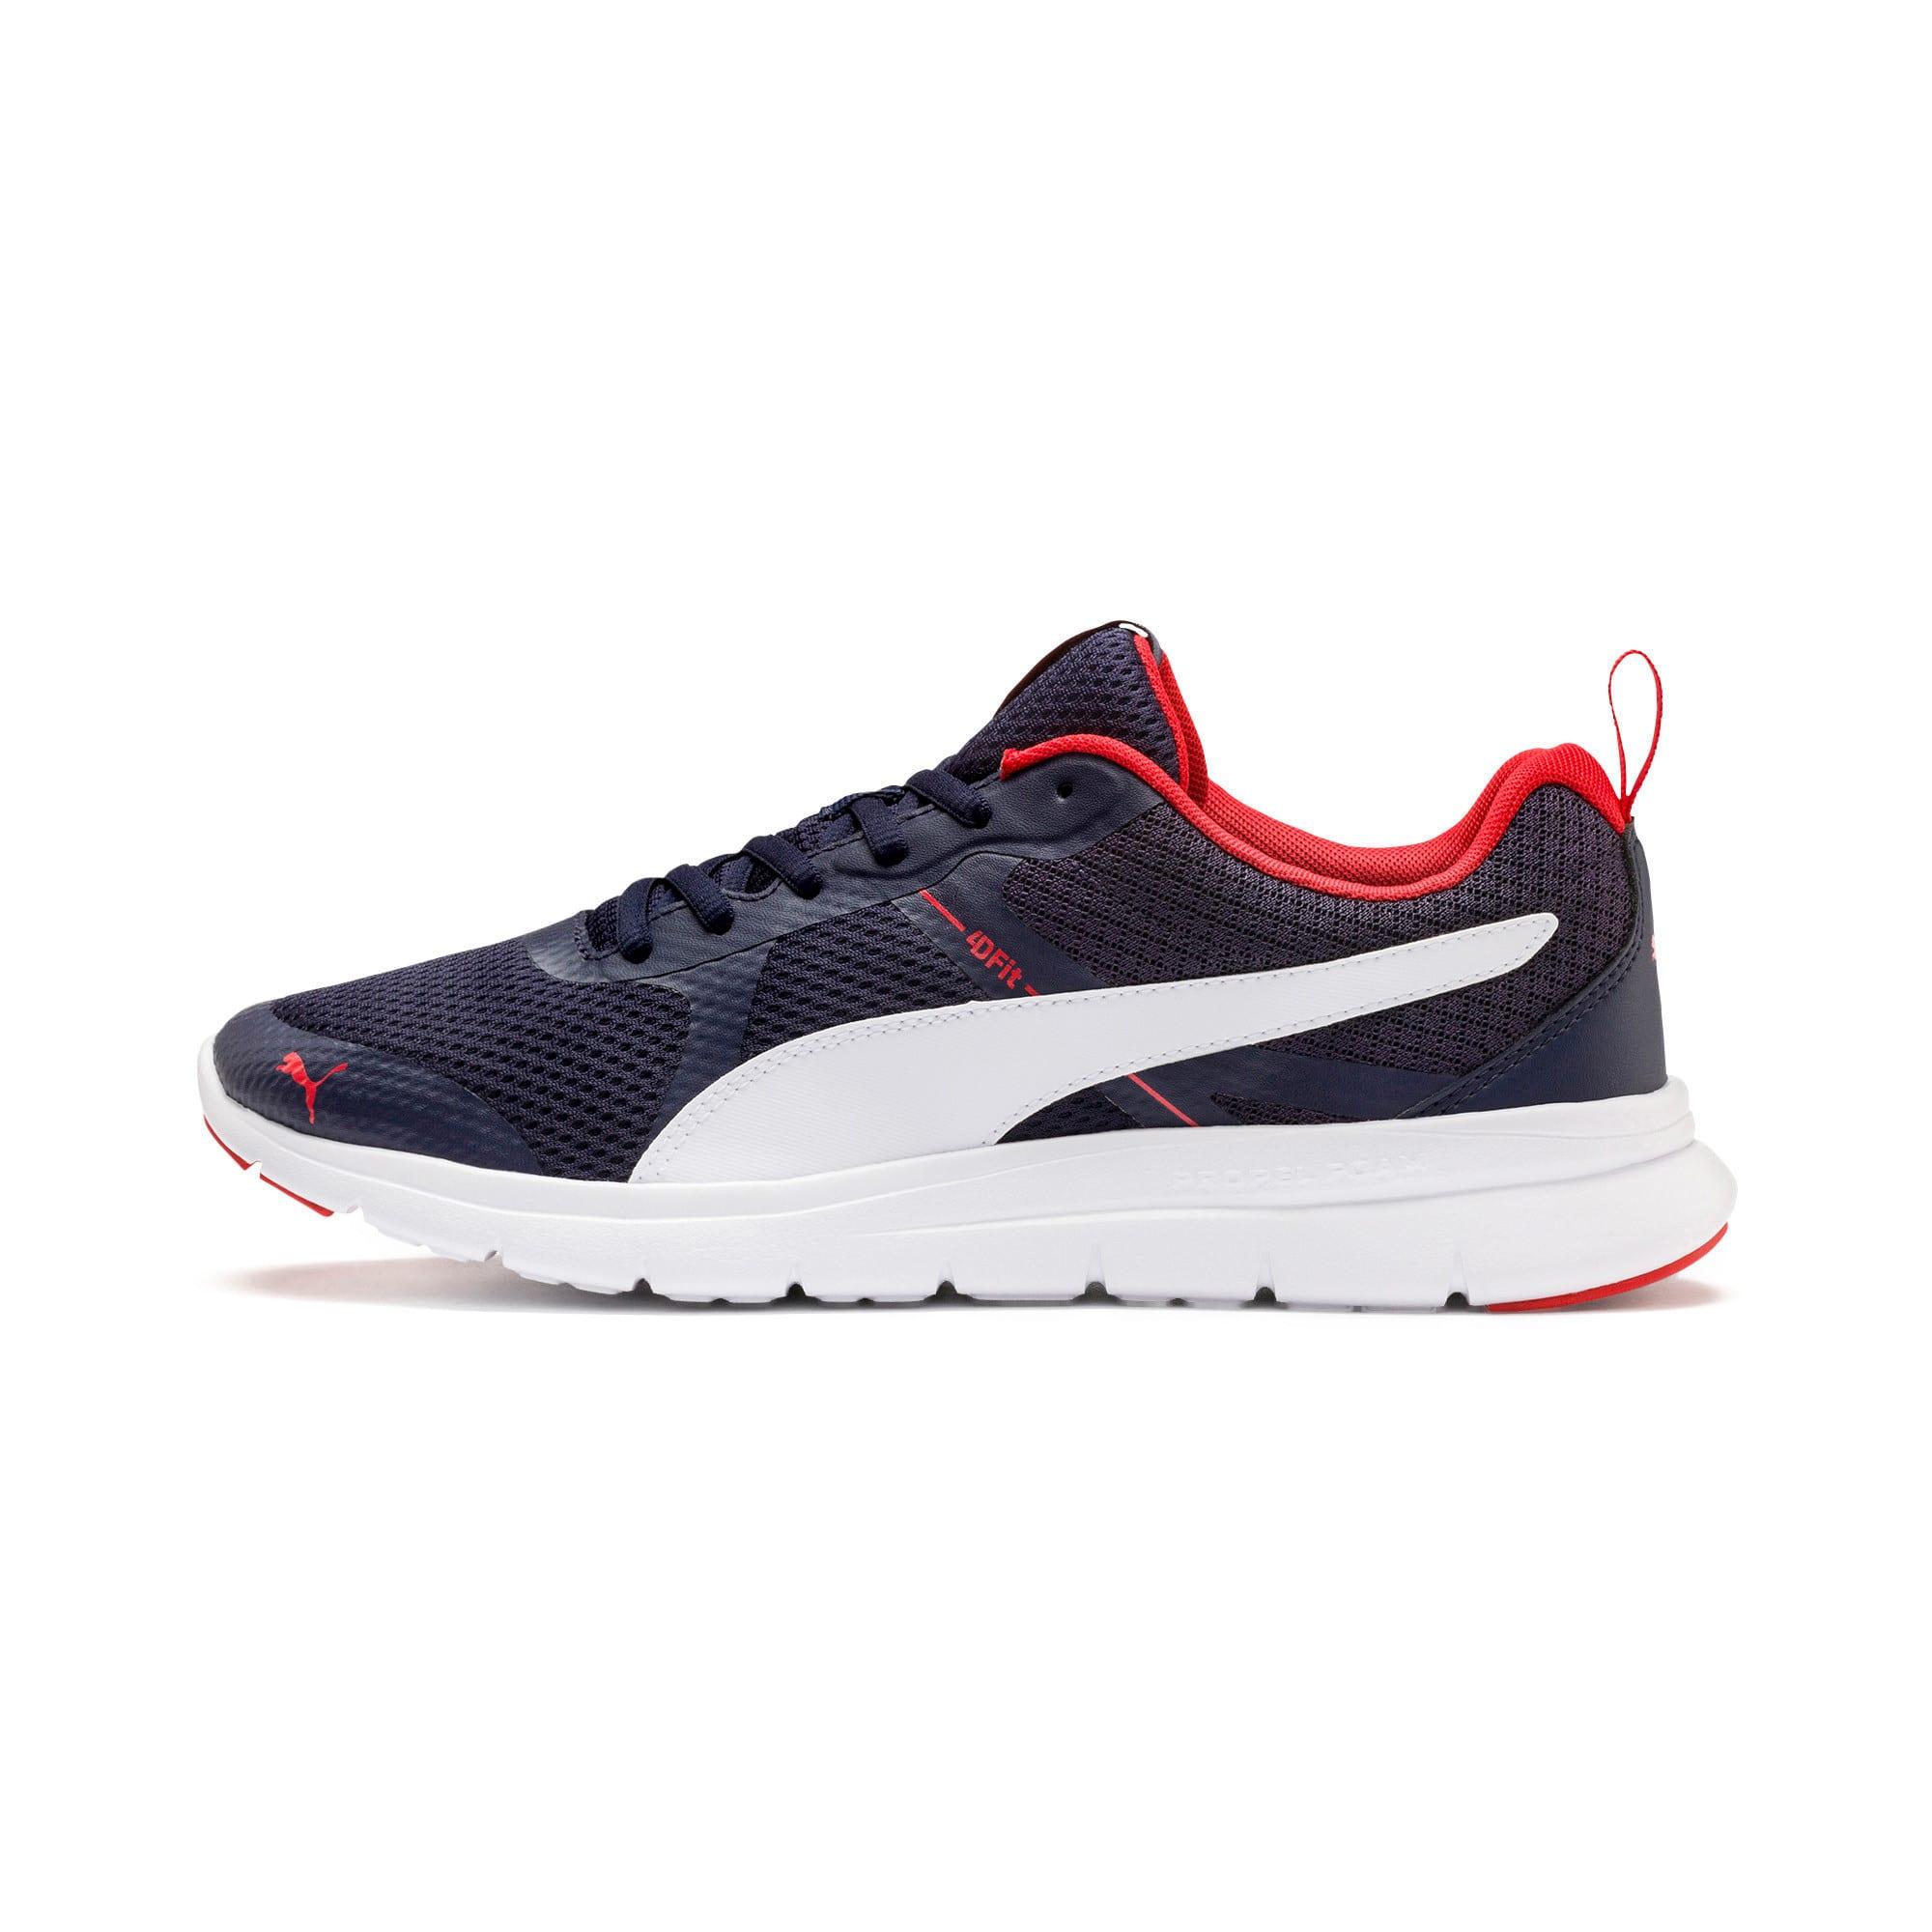 Thumbnail 1 of Flex Essential Training Shoes, Peacoat-P.White-Hi. Risk Red, medium-IND